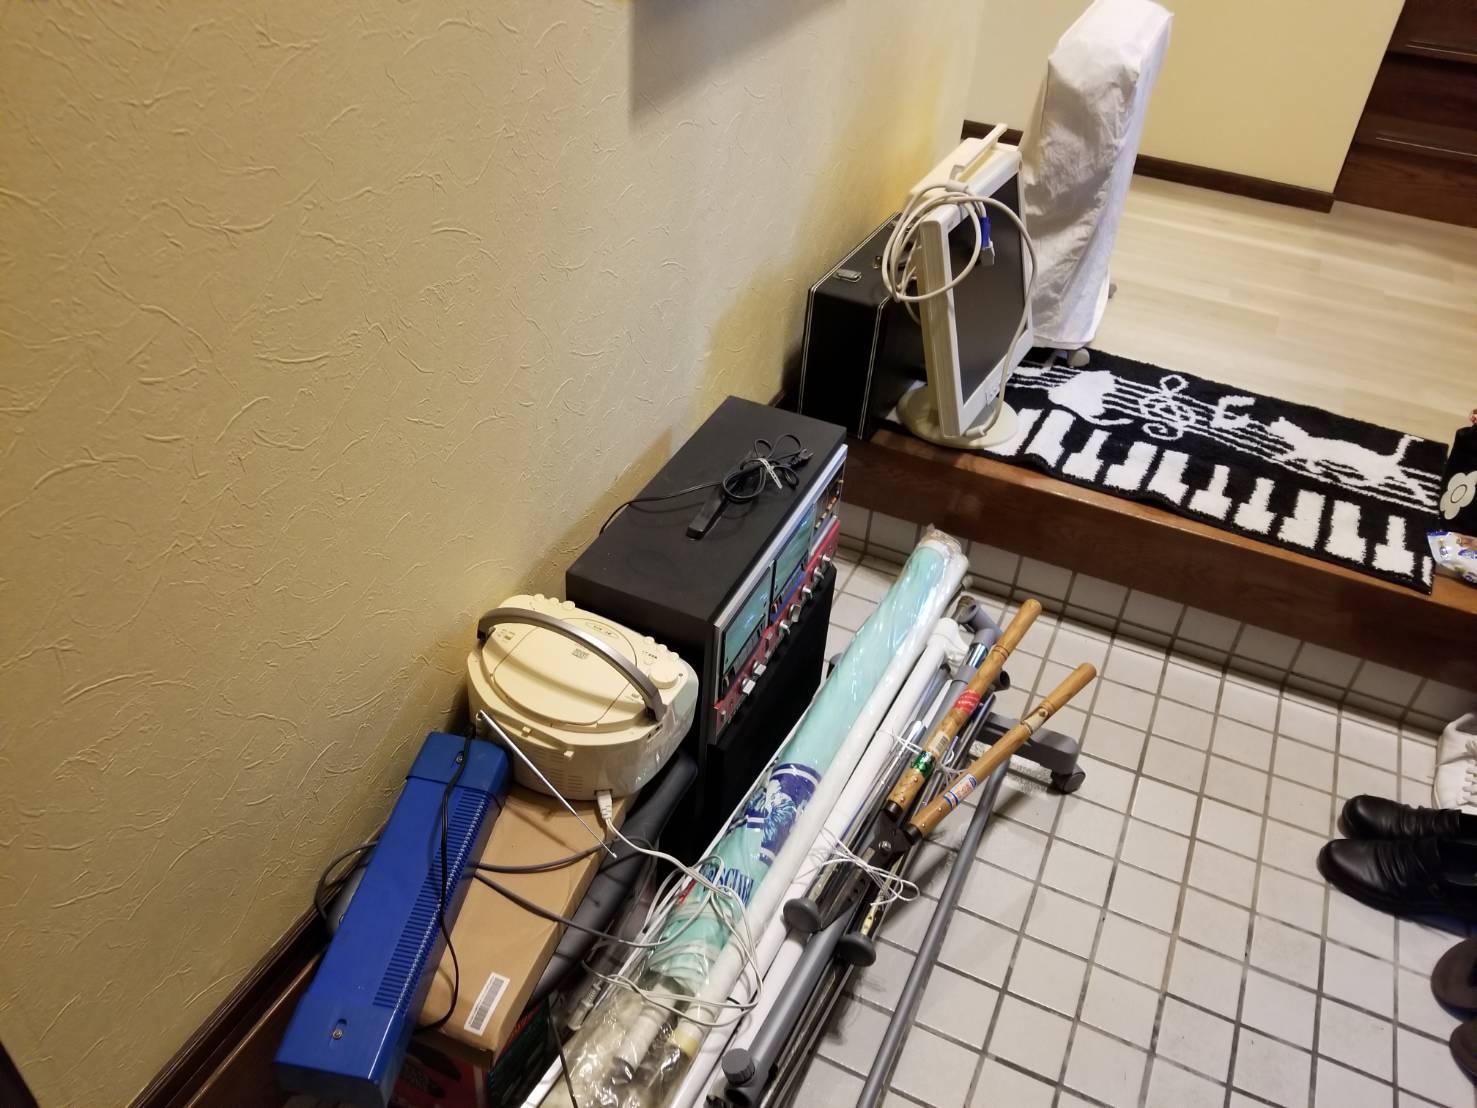 モニター、楽器、CDプレイヤー、剪定はさみの回収前